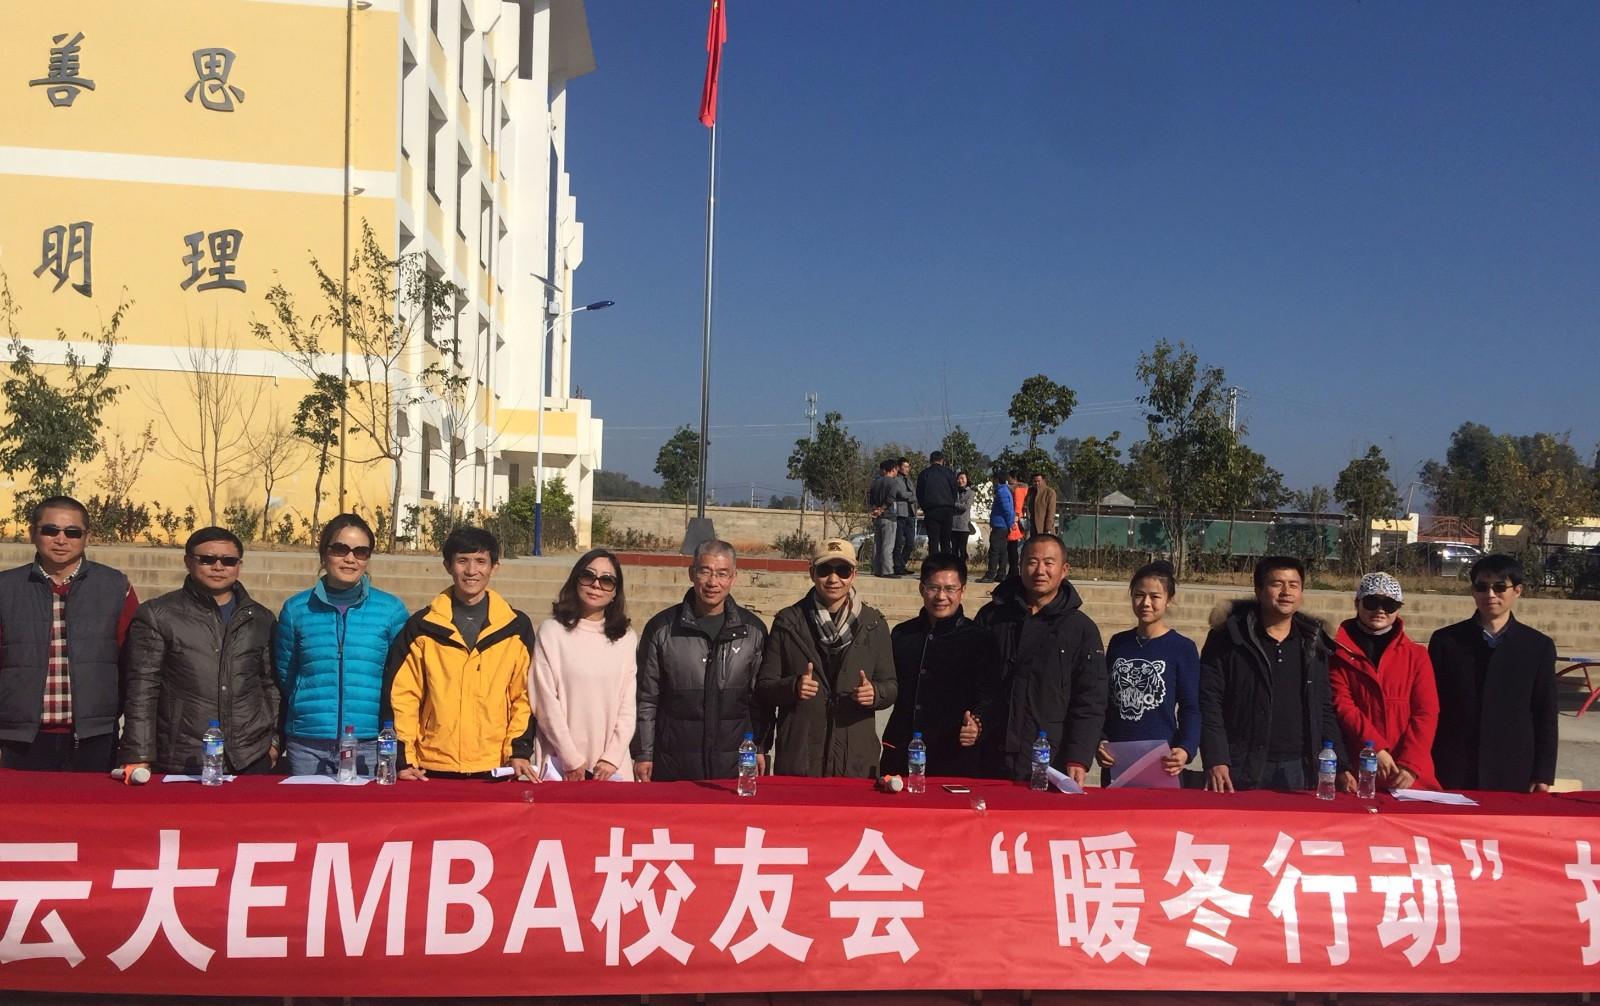 云南大学EMBA校友会向昆明市贫困小学捐赠爱心物资